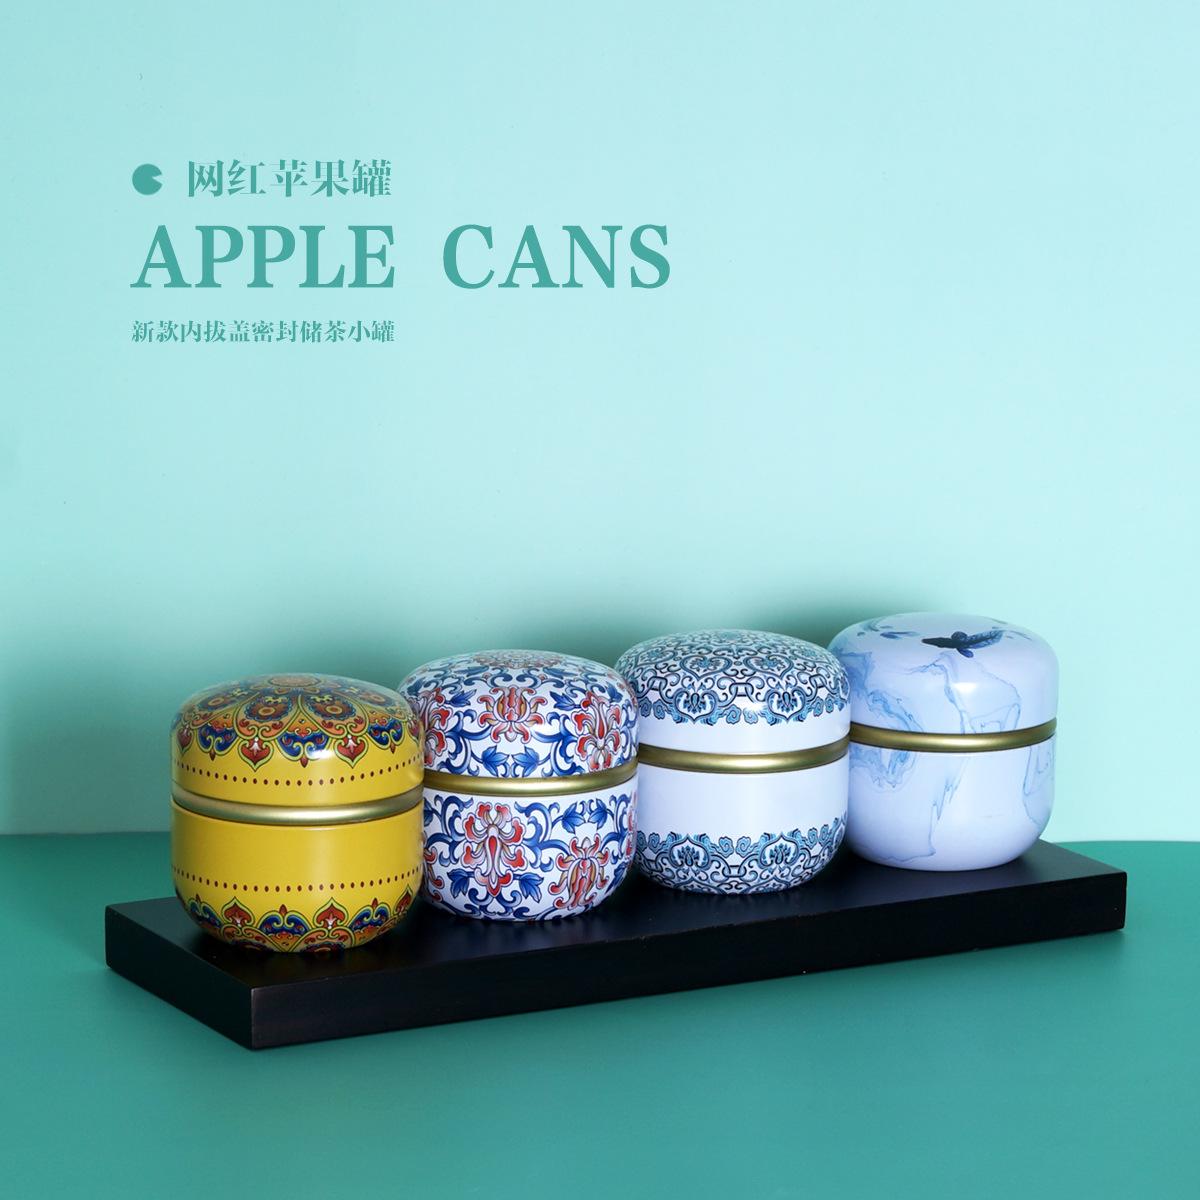 HEJING Hũ kim loại Hộp trà tròn nhỏ có thể 50g kim loại hoa trà thực phẩm hộp đóng gói phổ có thể đư